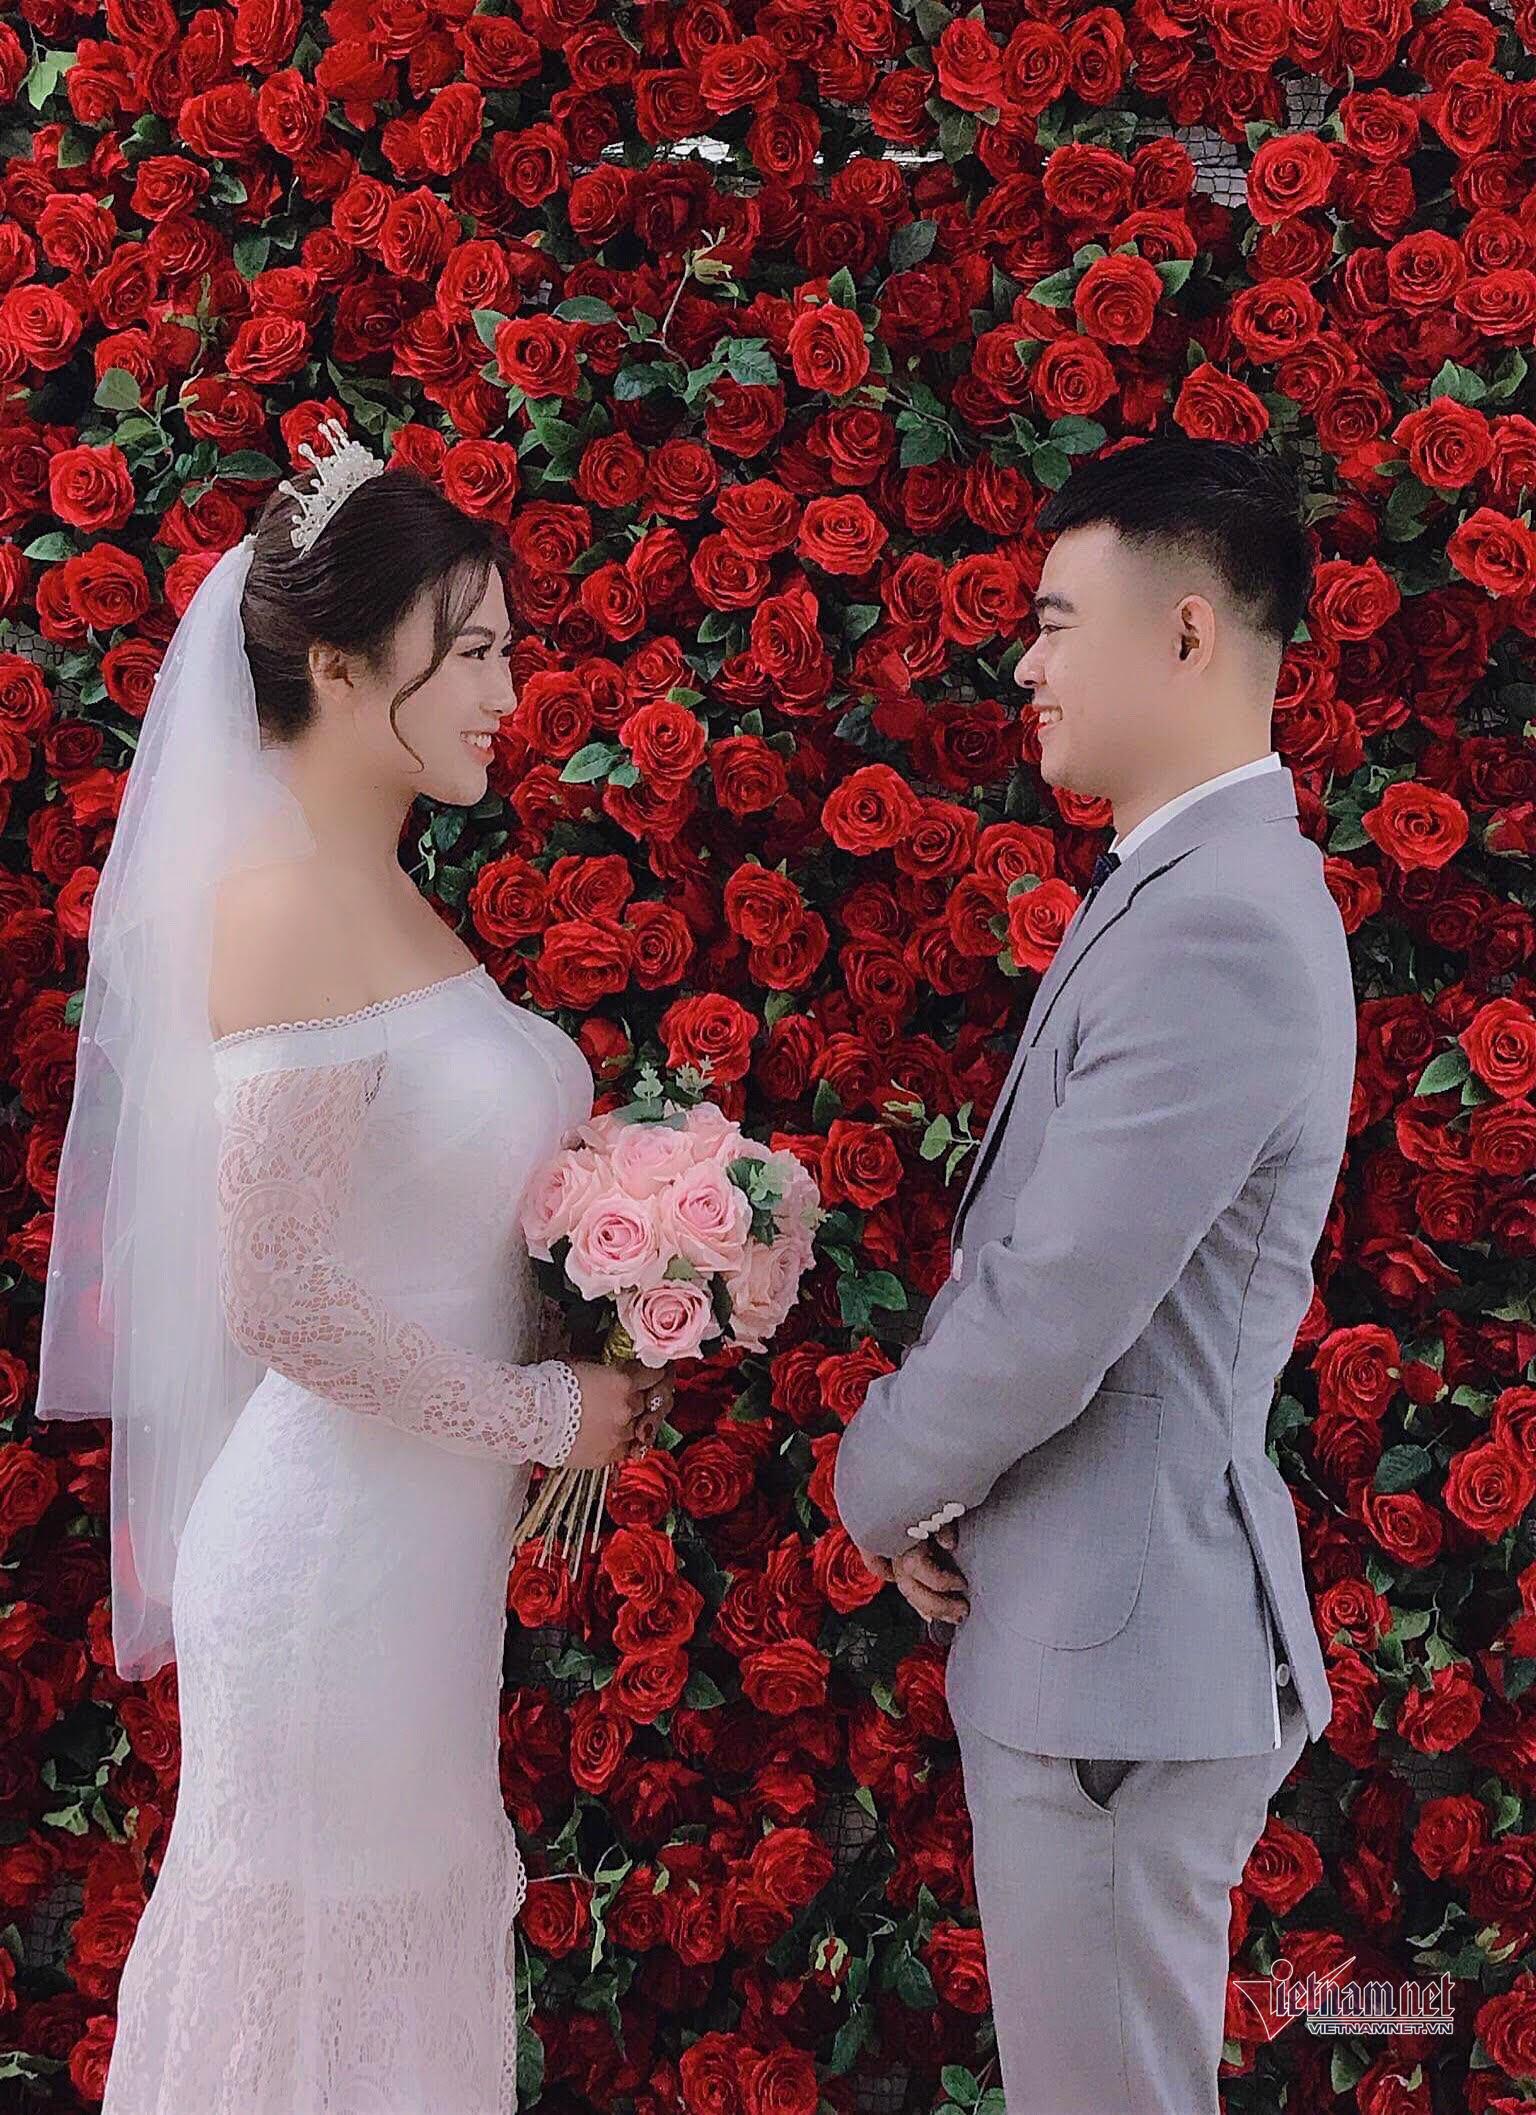 Thiếu úy công an hoãn đám cưới để nhận nhiệm vụ ở bệnh viện tâm dịch Covid-19